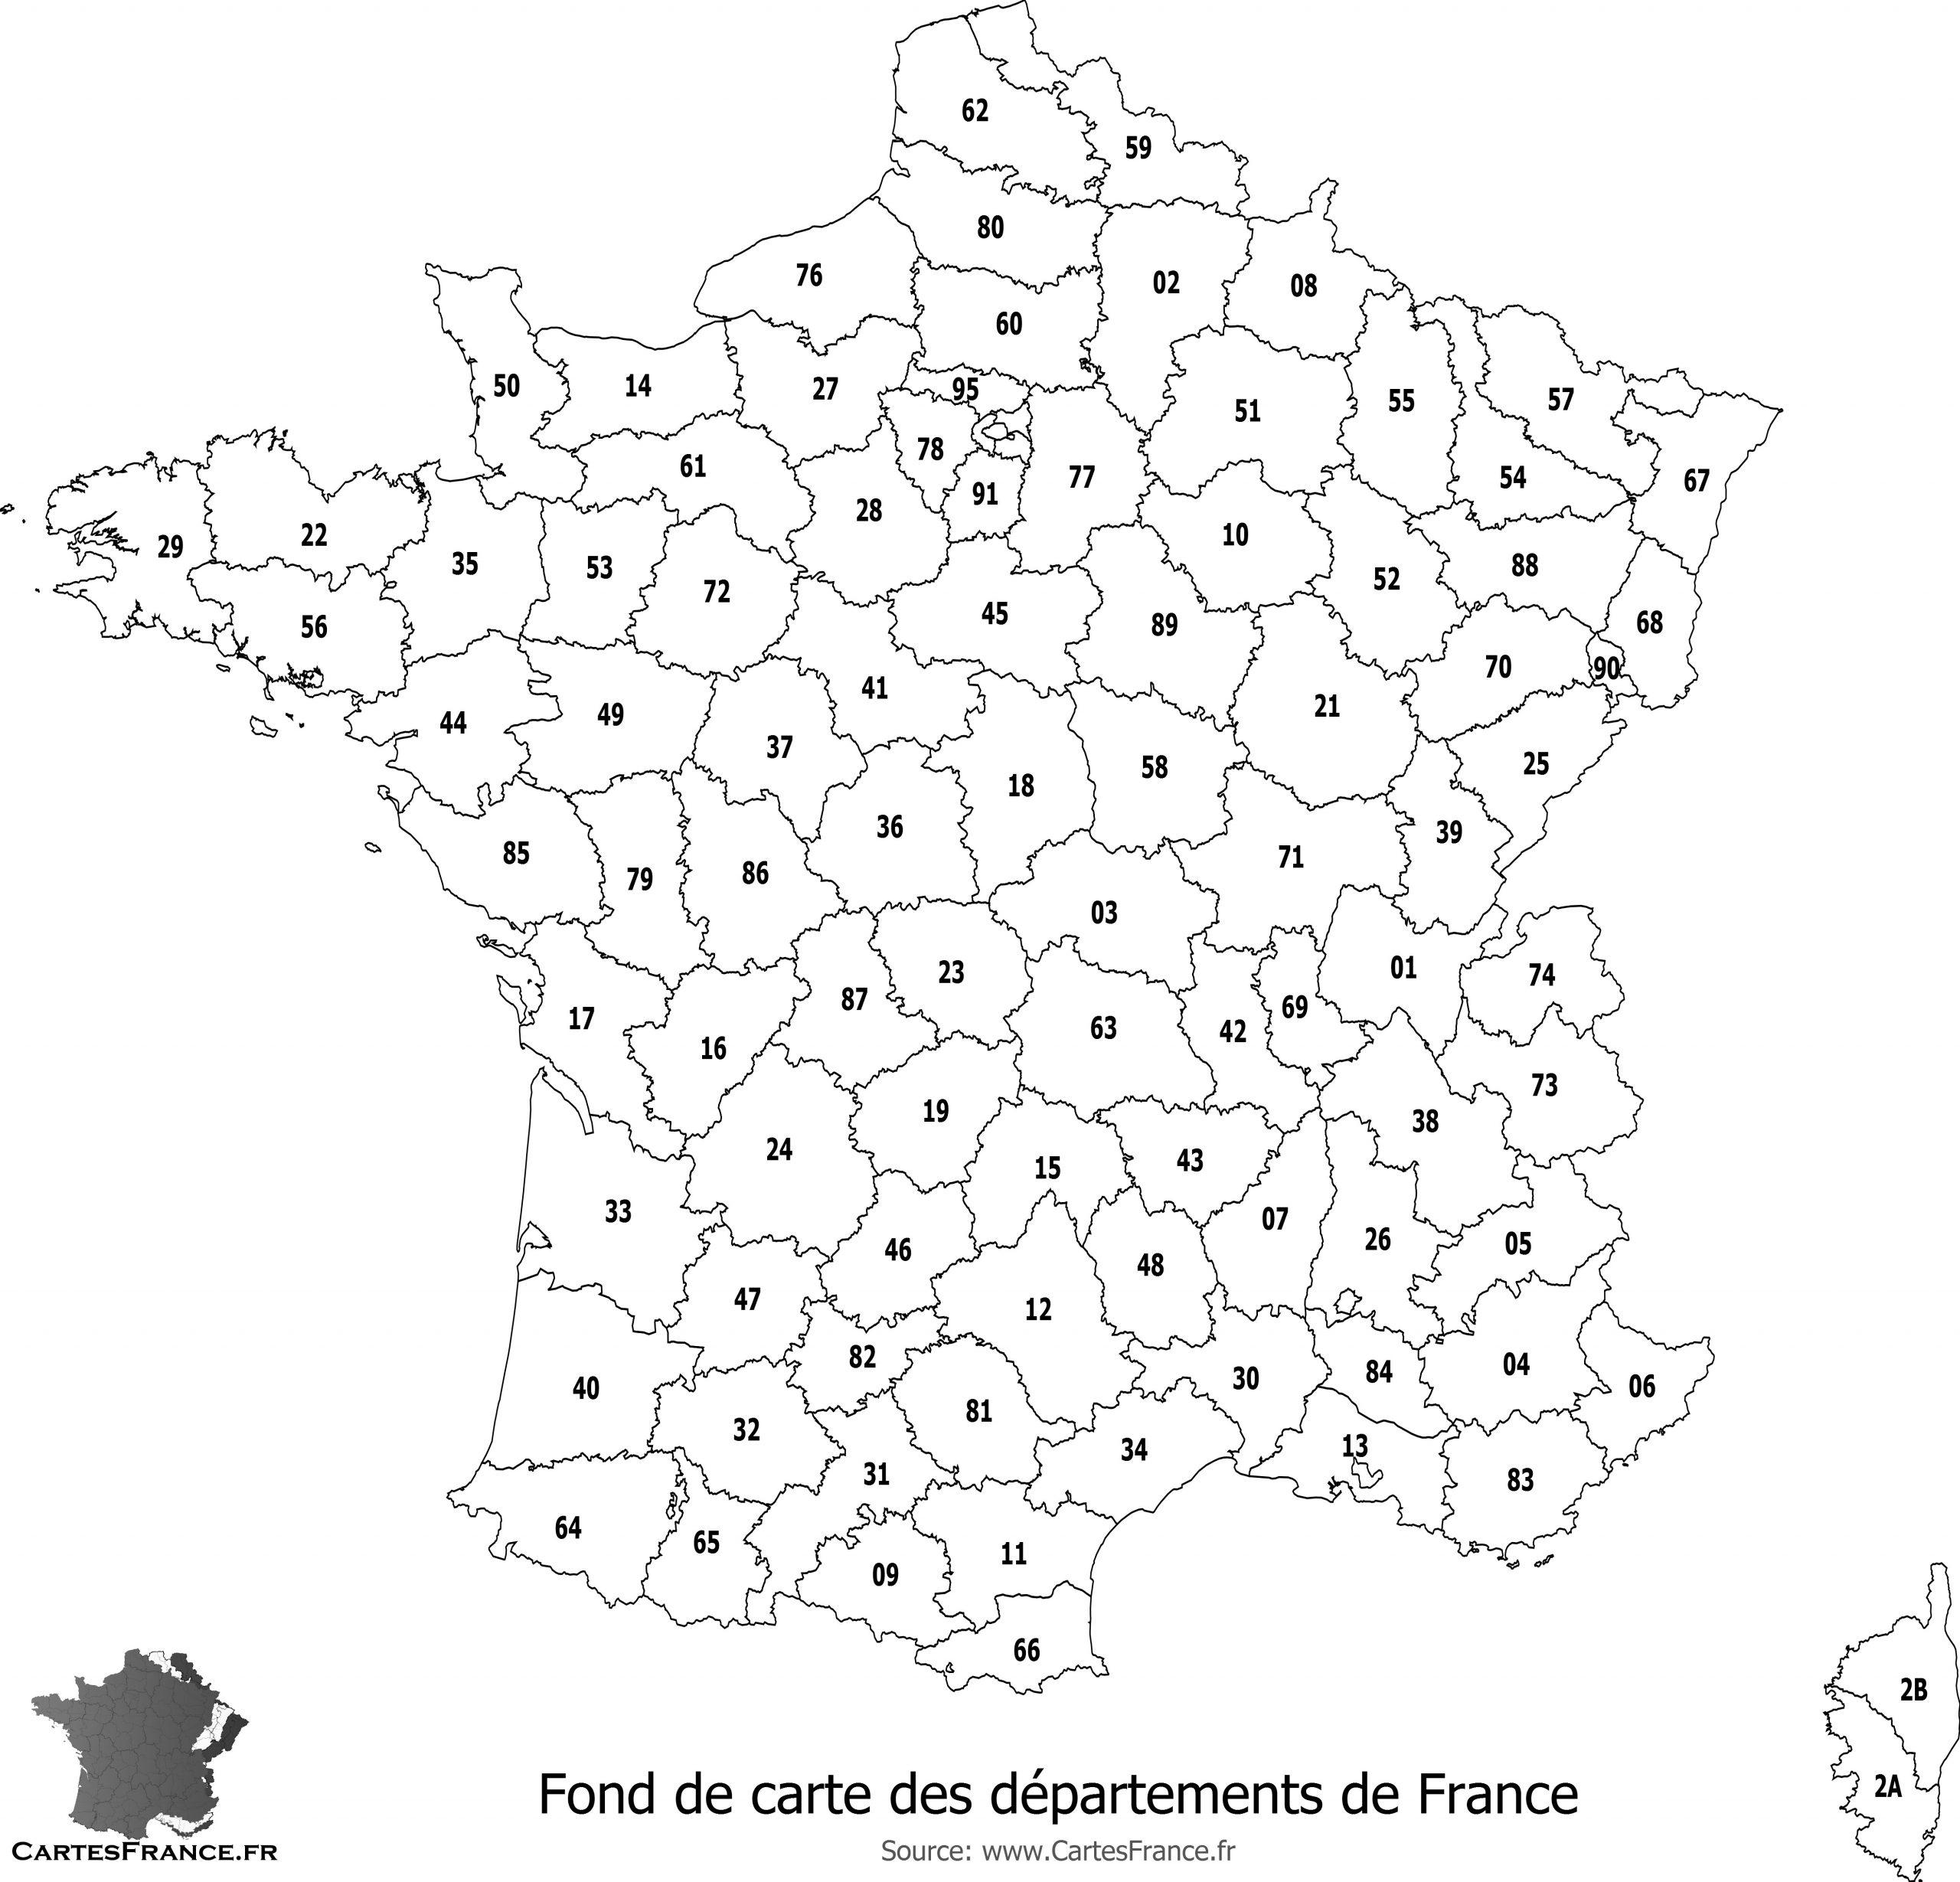 Fond De Carte Des Départements De France avec Numéro Des Départements